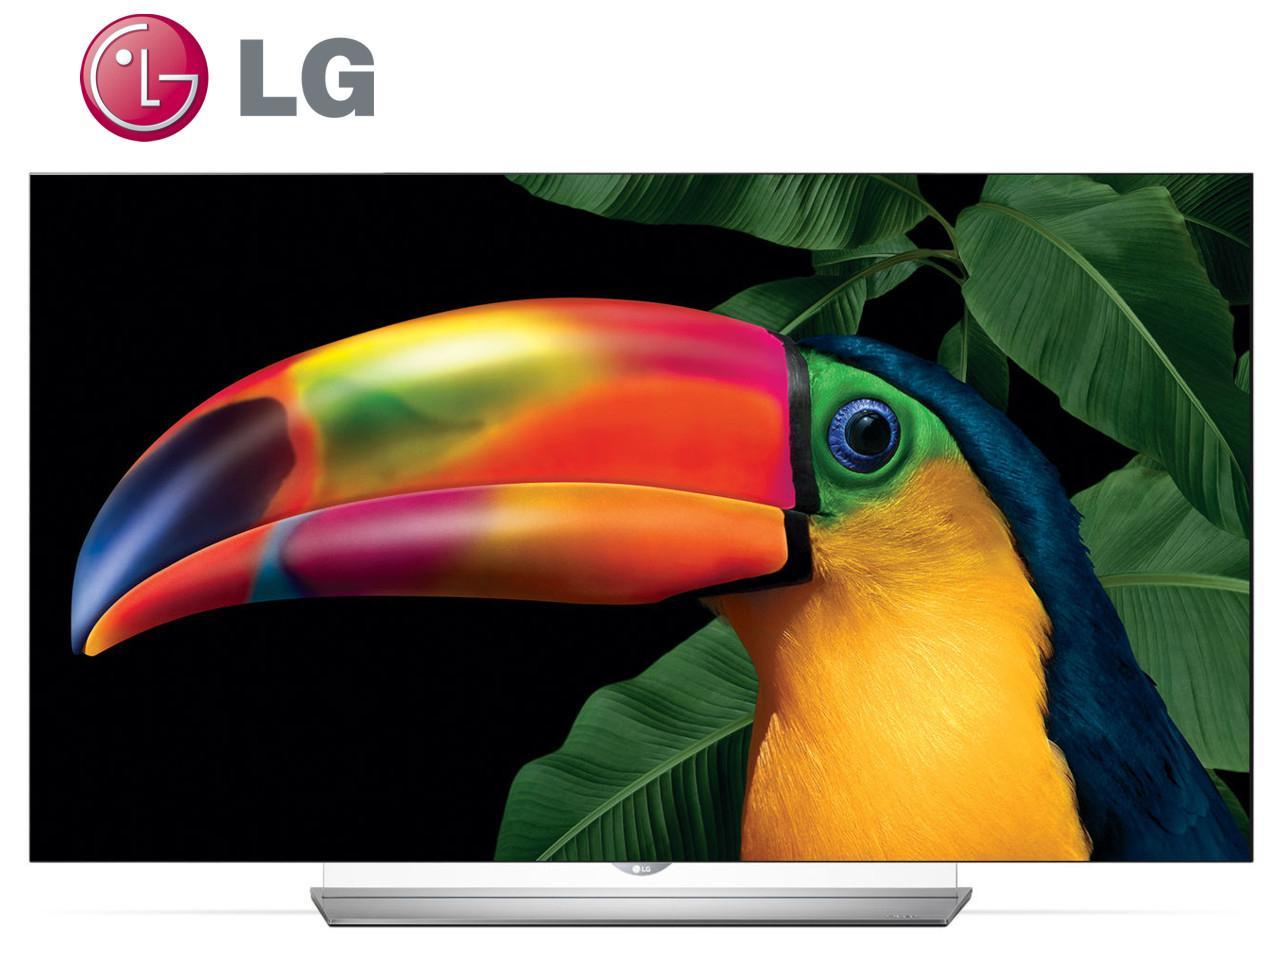 LG 55EF950V + mikrosystém PHILIPS MCM2050 zdarma!! + 2000 Kč na dárky nebo další nákup | CHAT on-line podpora PO-PÁ 8-22.00!!